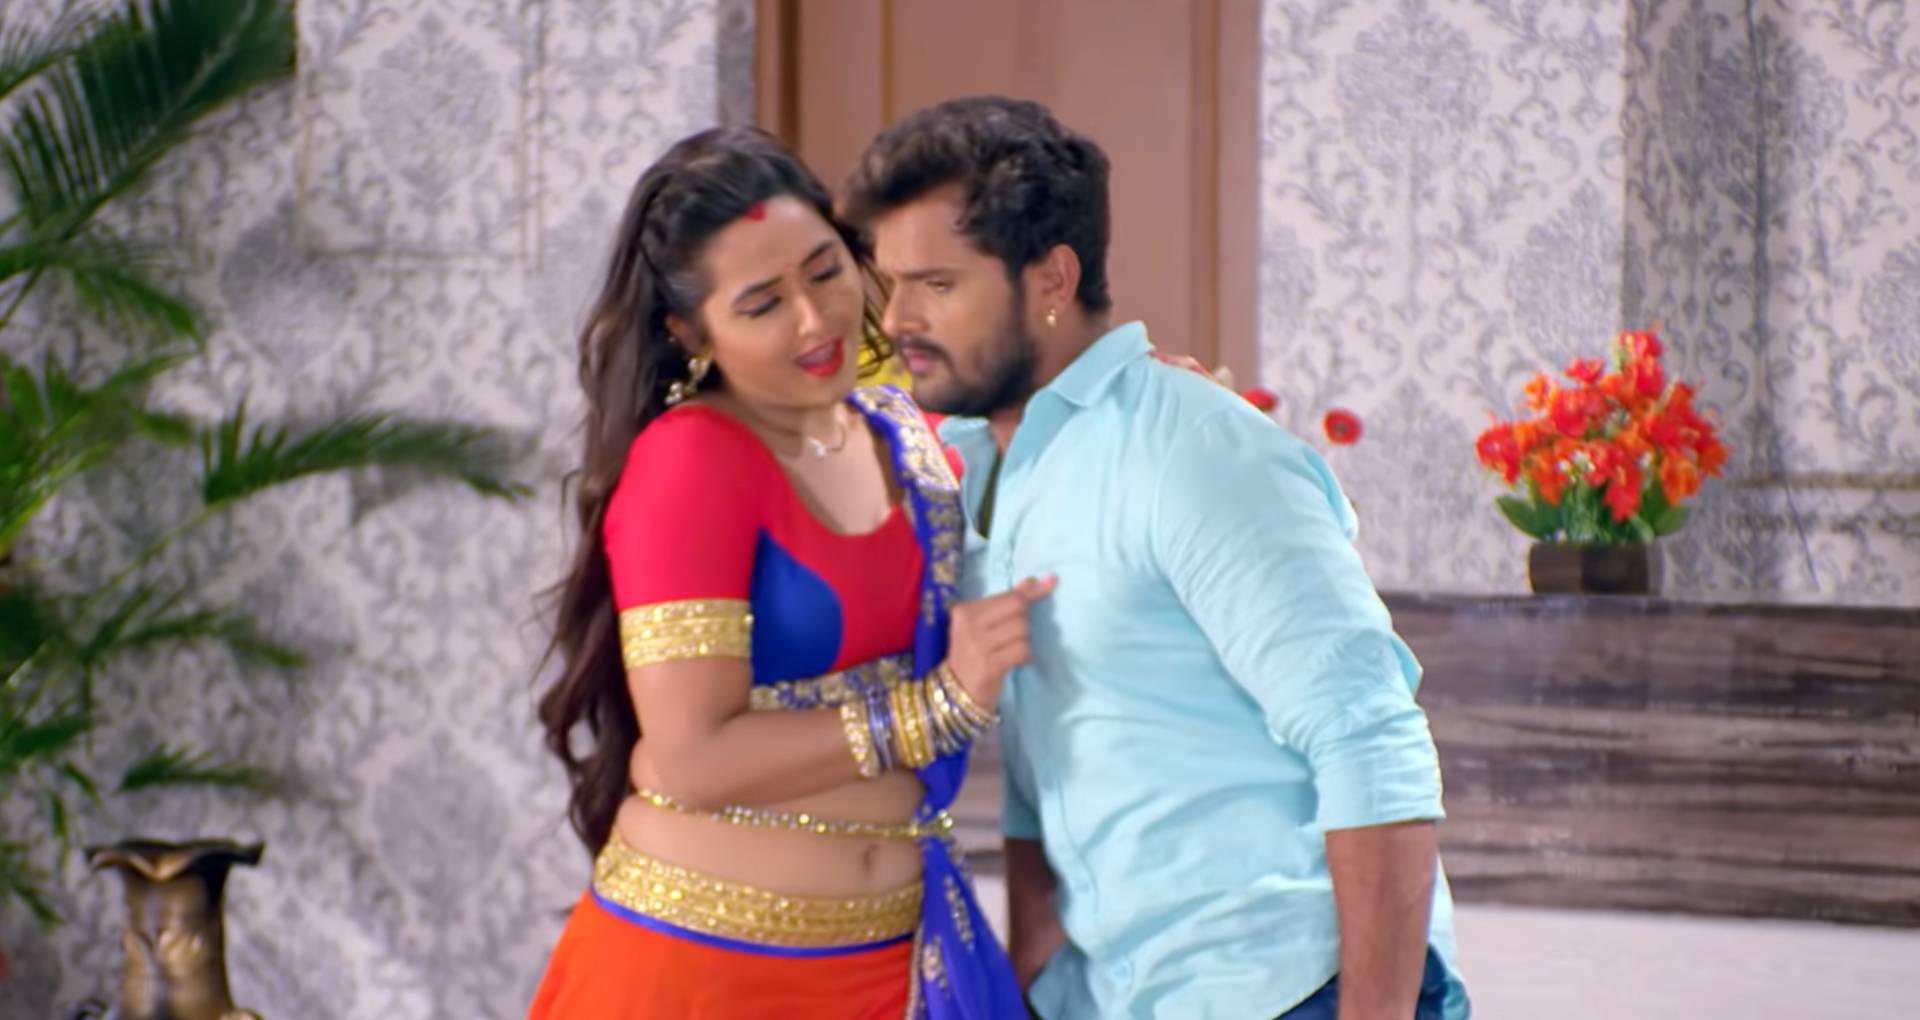 Bhojpuri Song: काजल राघवानी और खेसारी लाल यादव के रोमांटिक सॉन्ग का यूट्यूब पर धमाल, मिले इतने लाख व्यूज